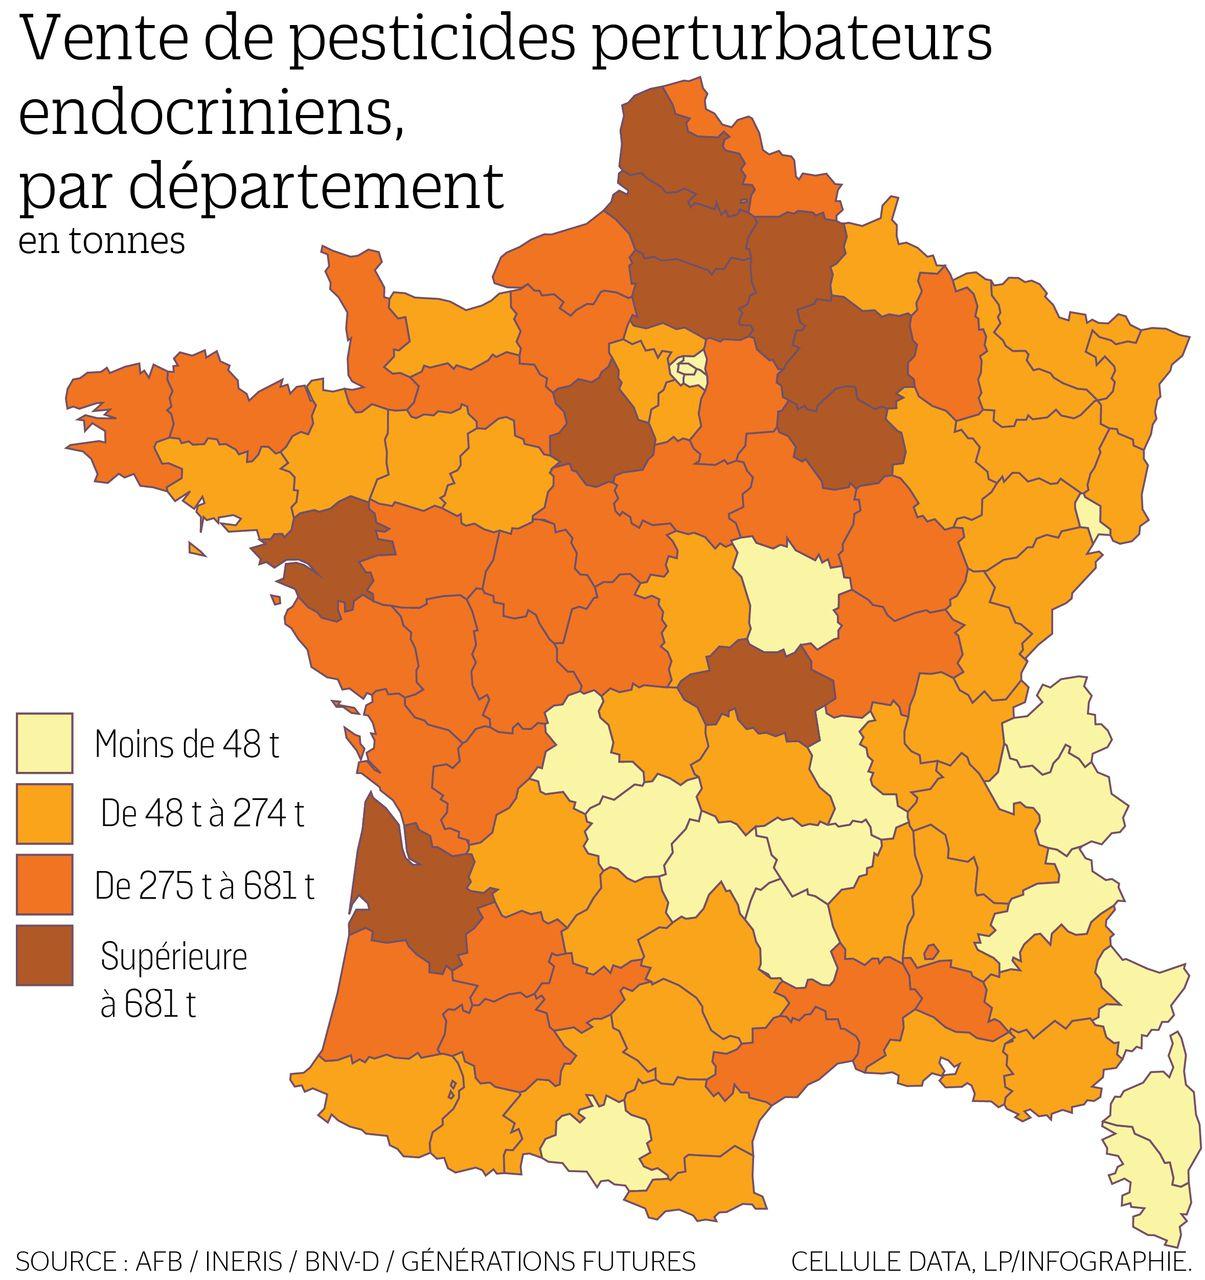 La Carte De France Des Départements Les Plus Consommateurs pour Région Et Département France